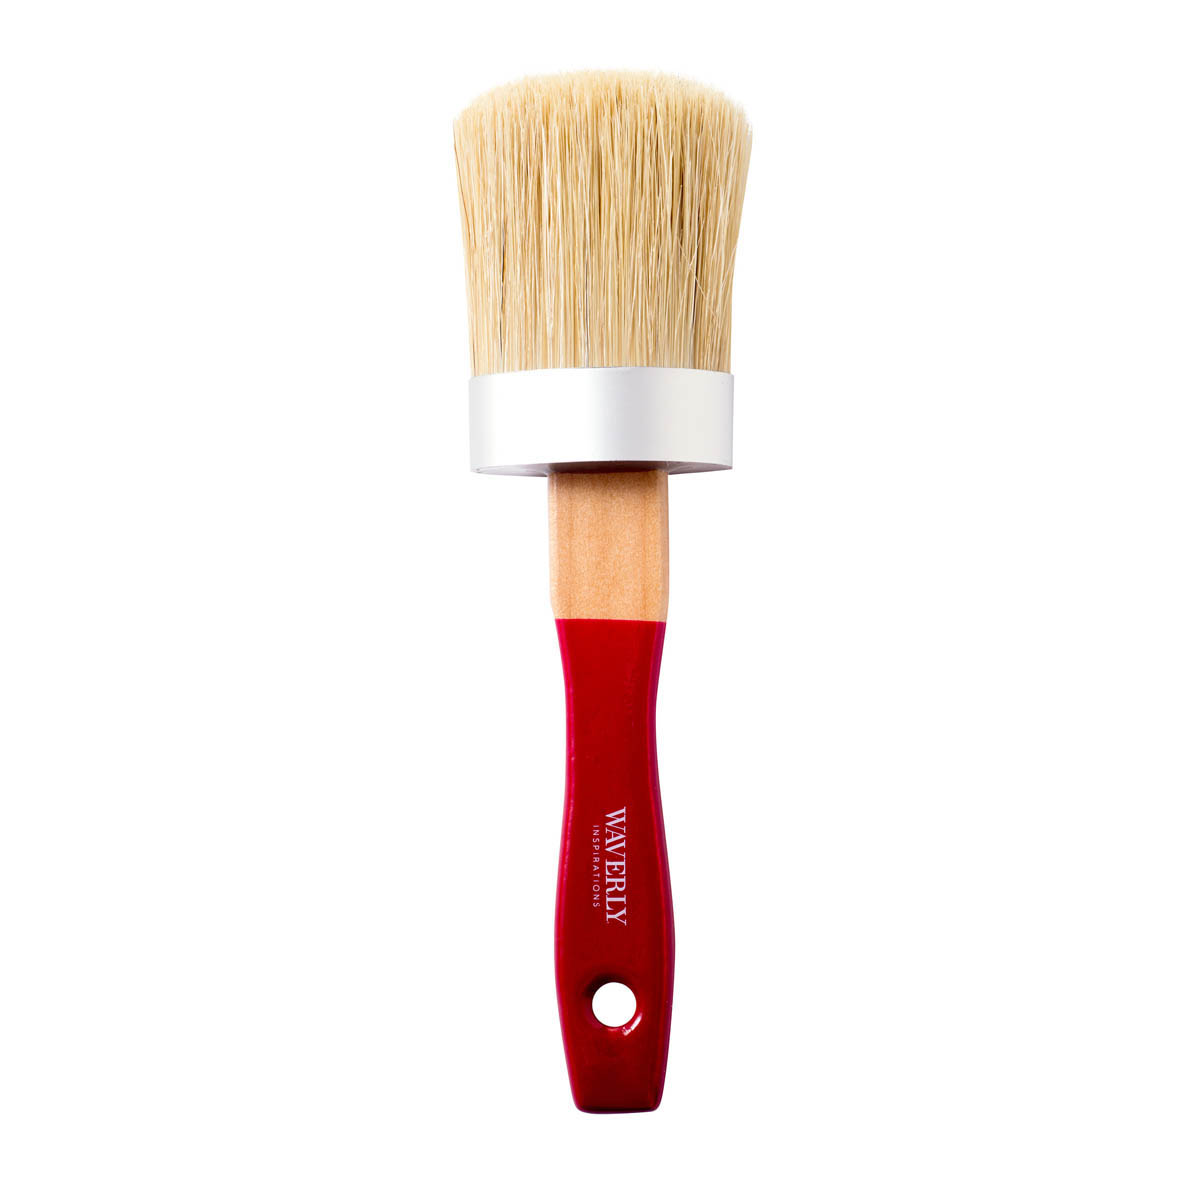 Waverly ® Inspirations Brushes - Chalk Brush - 60730E